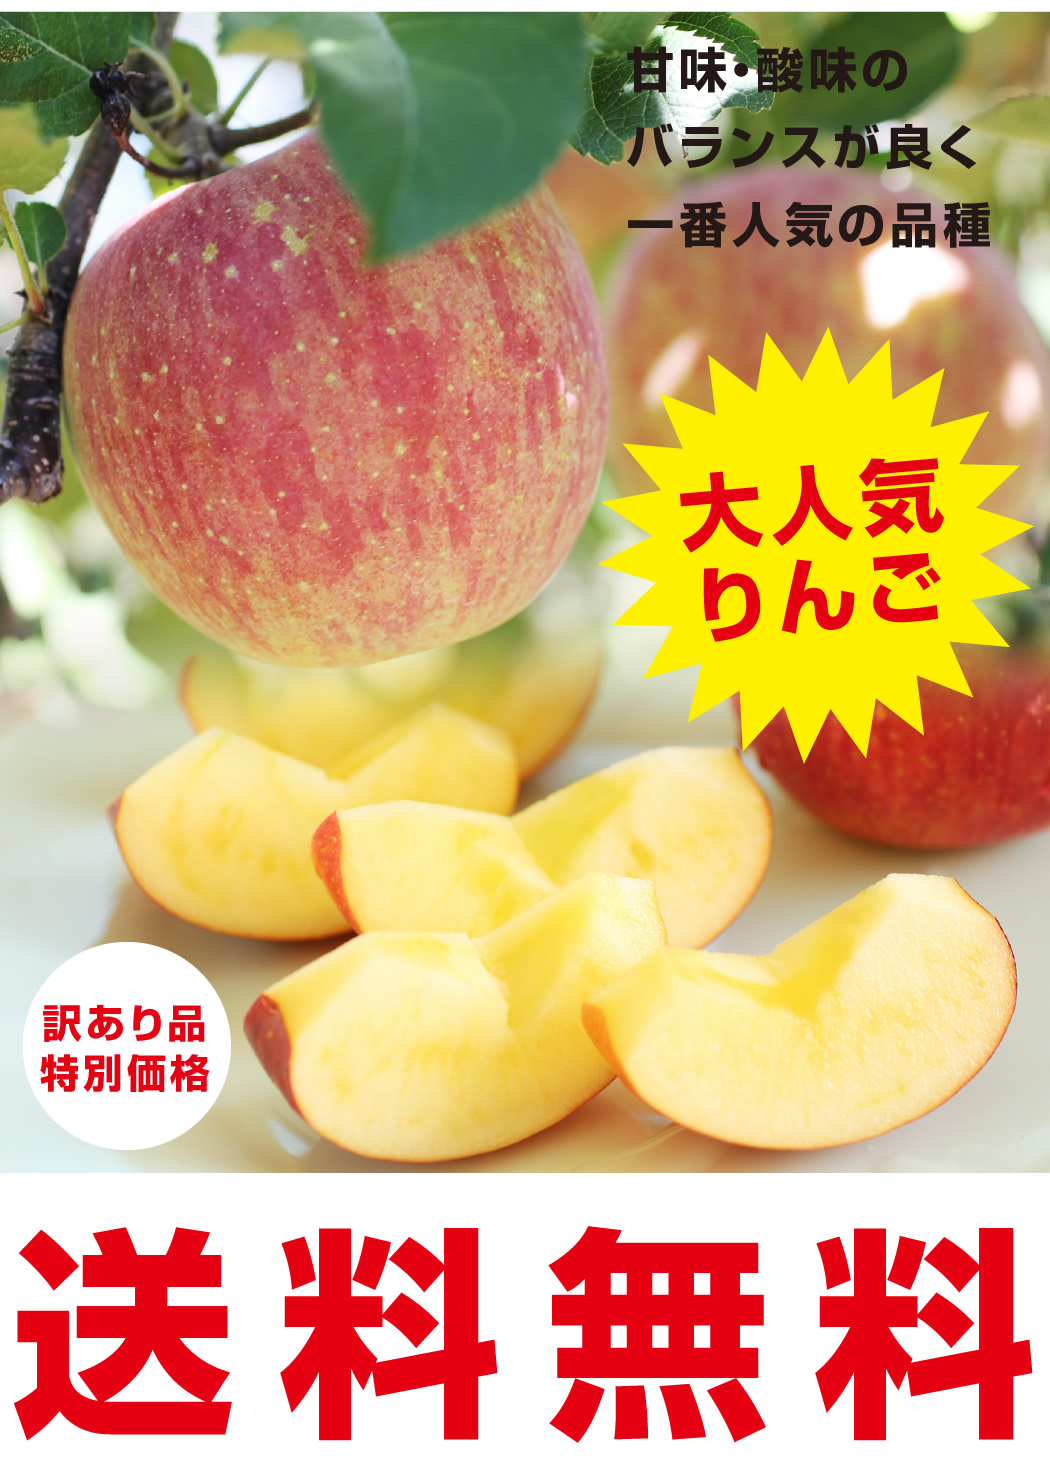 大人気りんごが送料無料